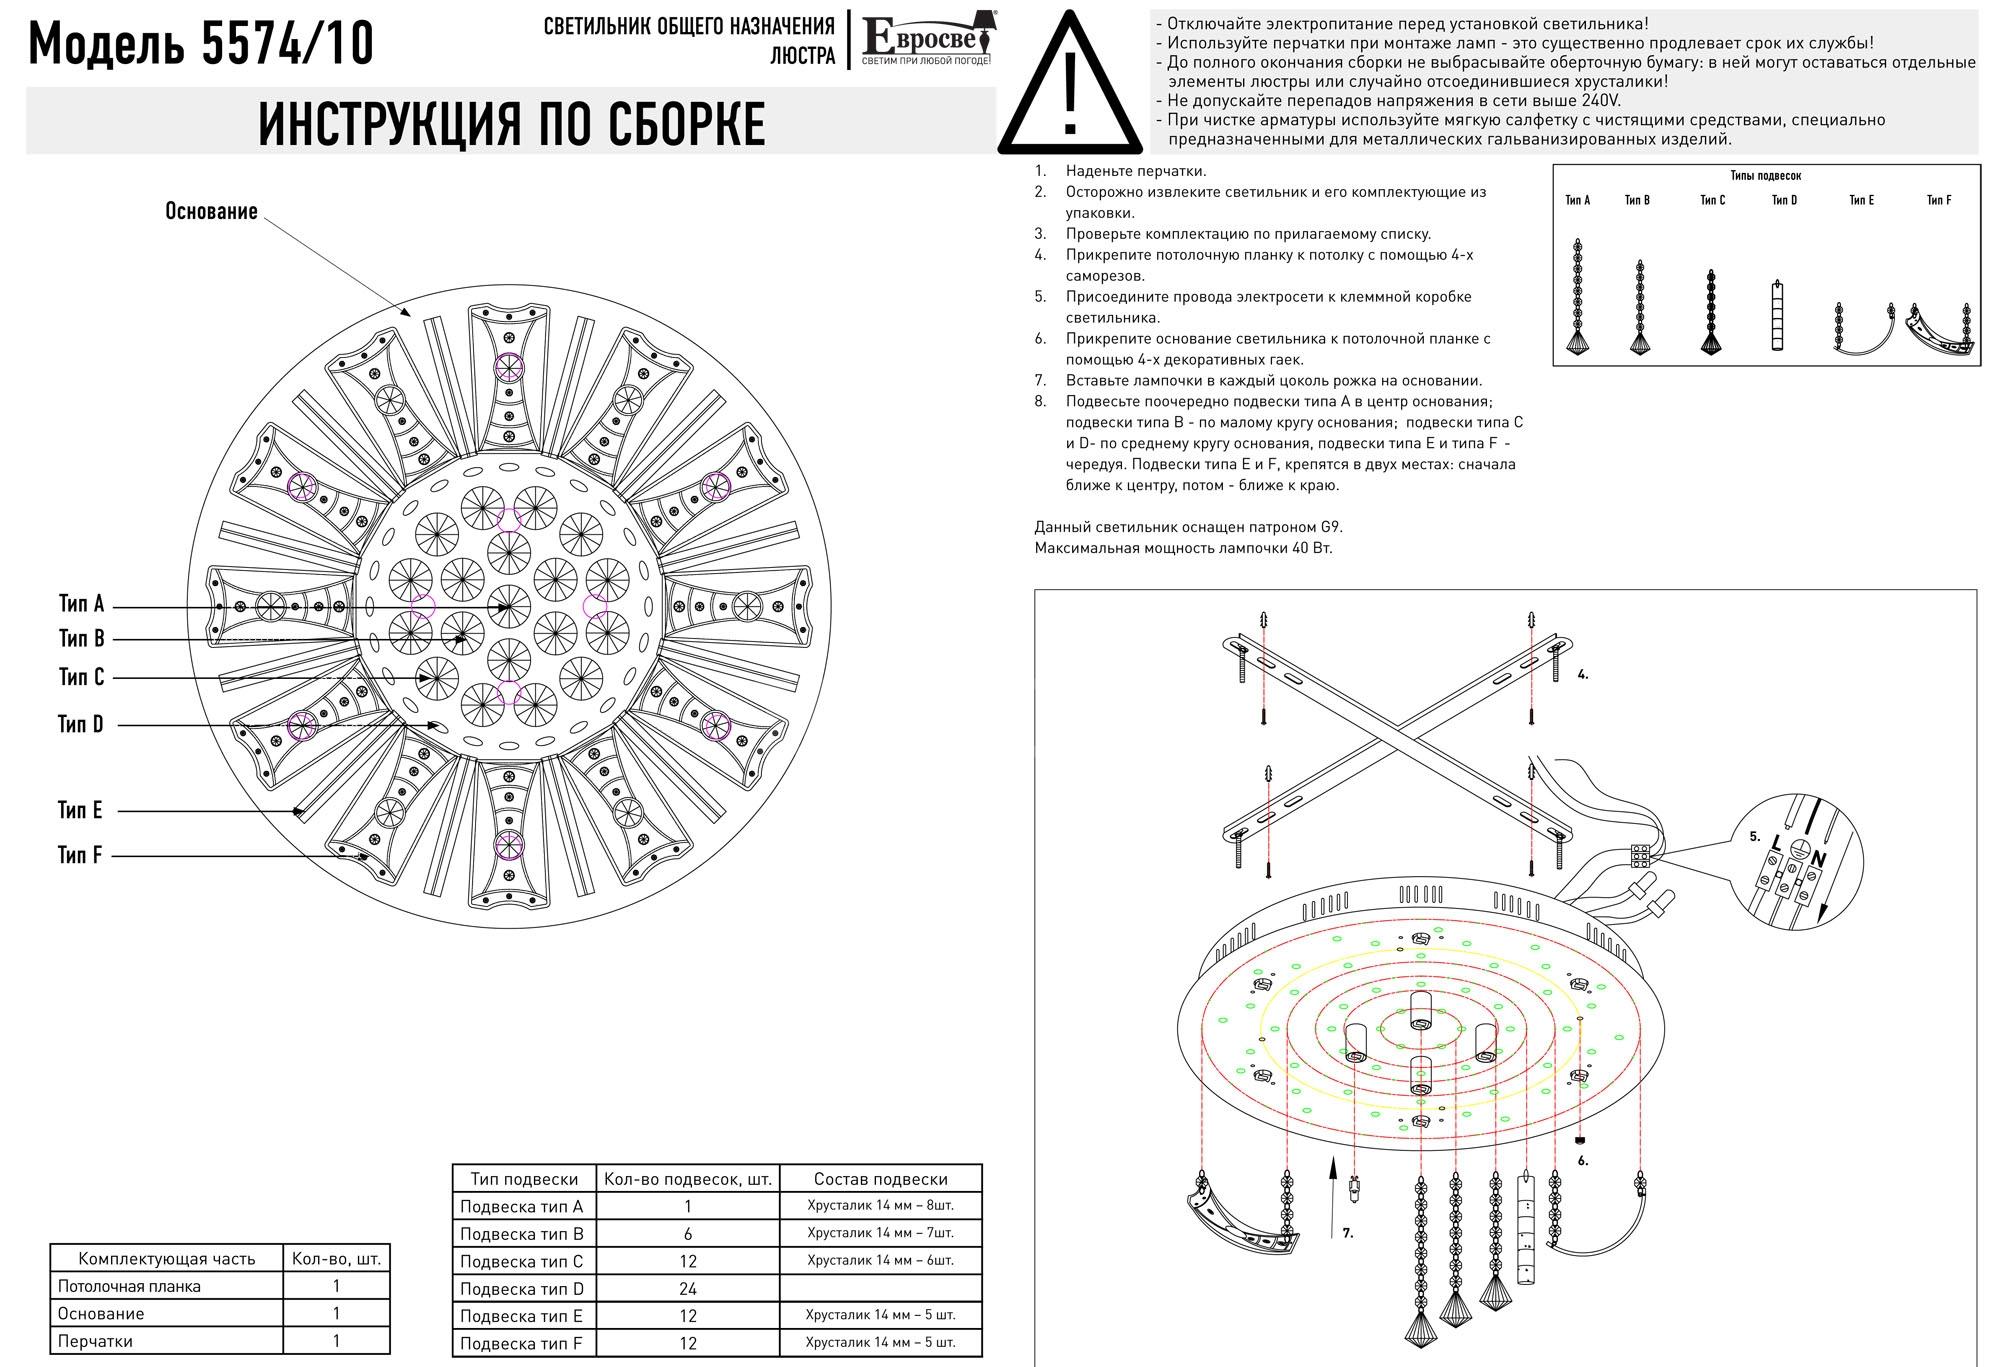 Ирбис нирвана схема проводки